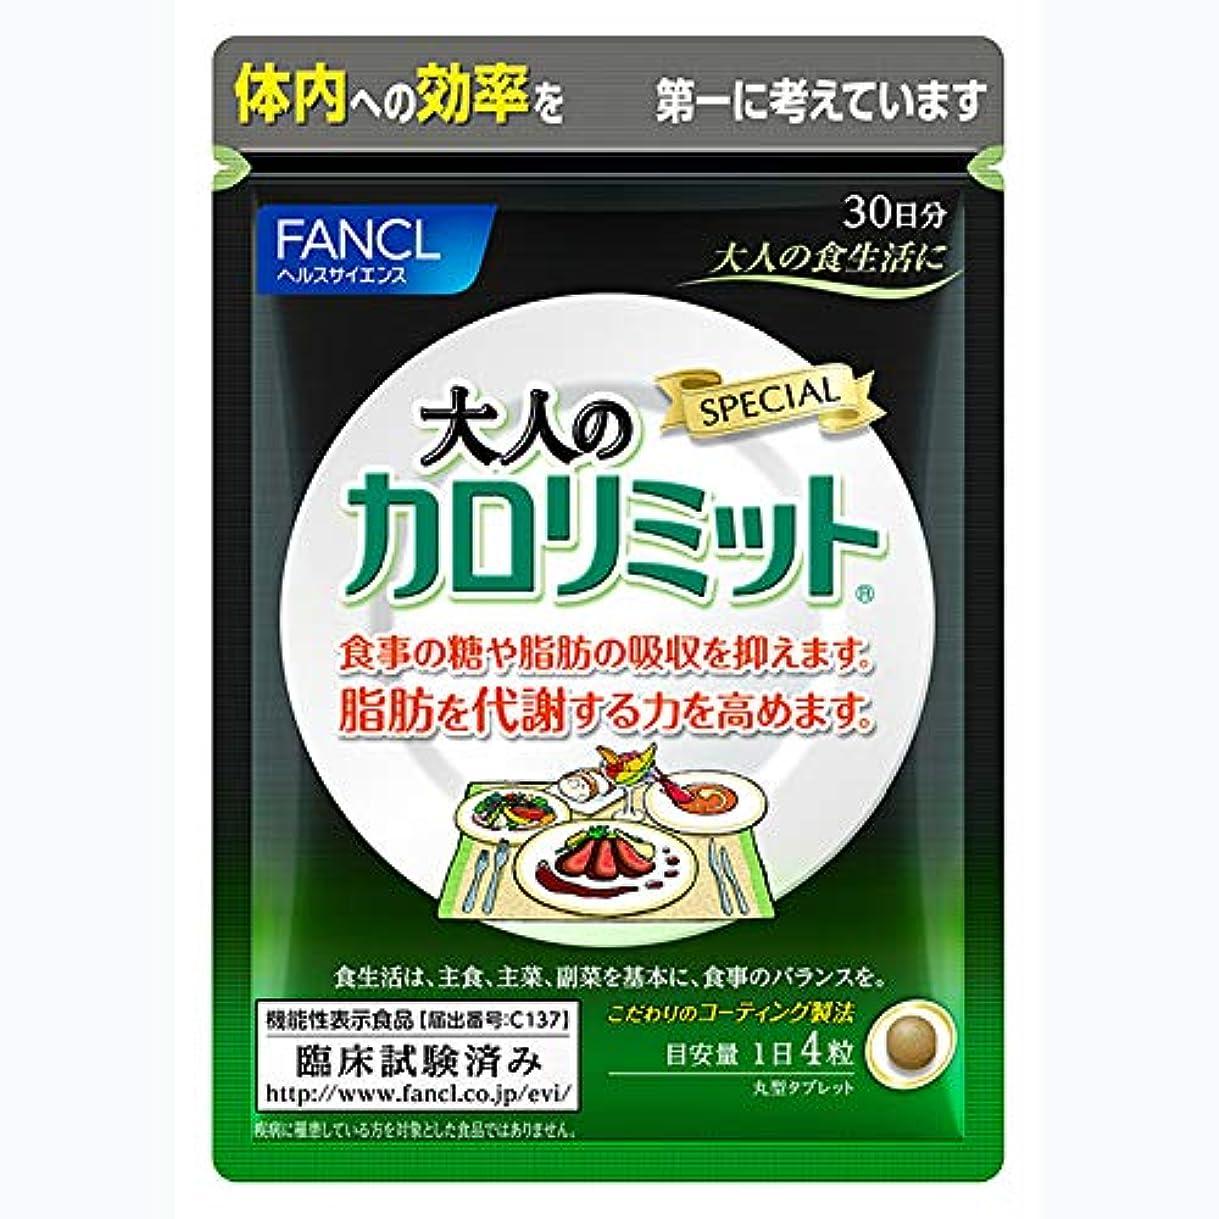 墓デッドロックチーターファンケル (FANCL) 大人のカロリミット (約30日分) 120粒 [機能性表示食品]